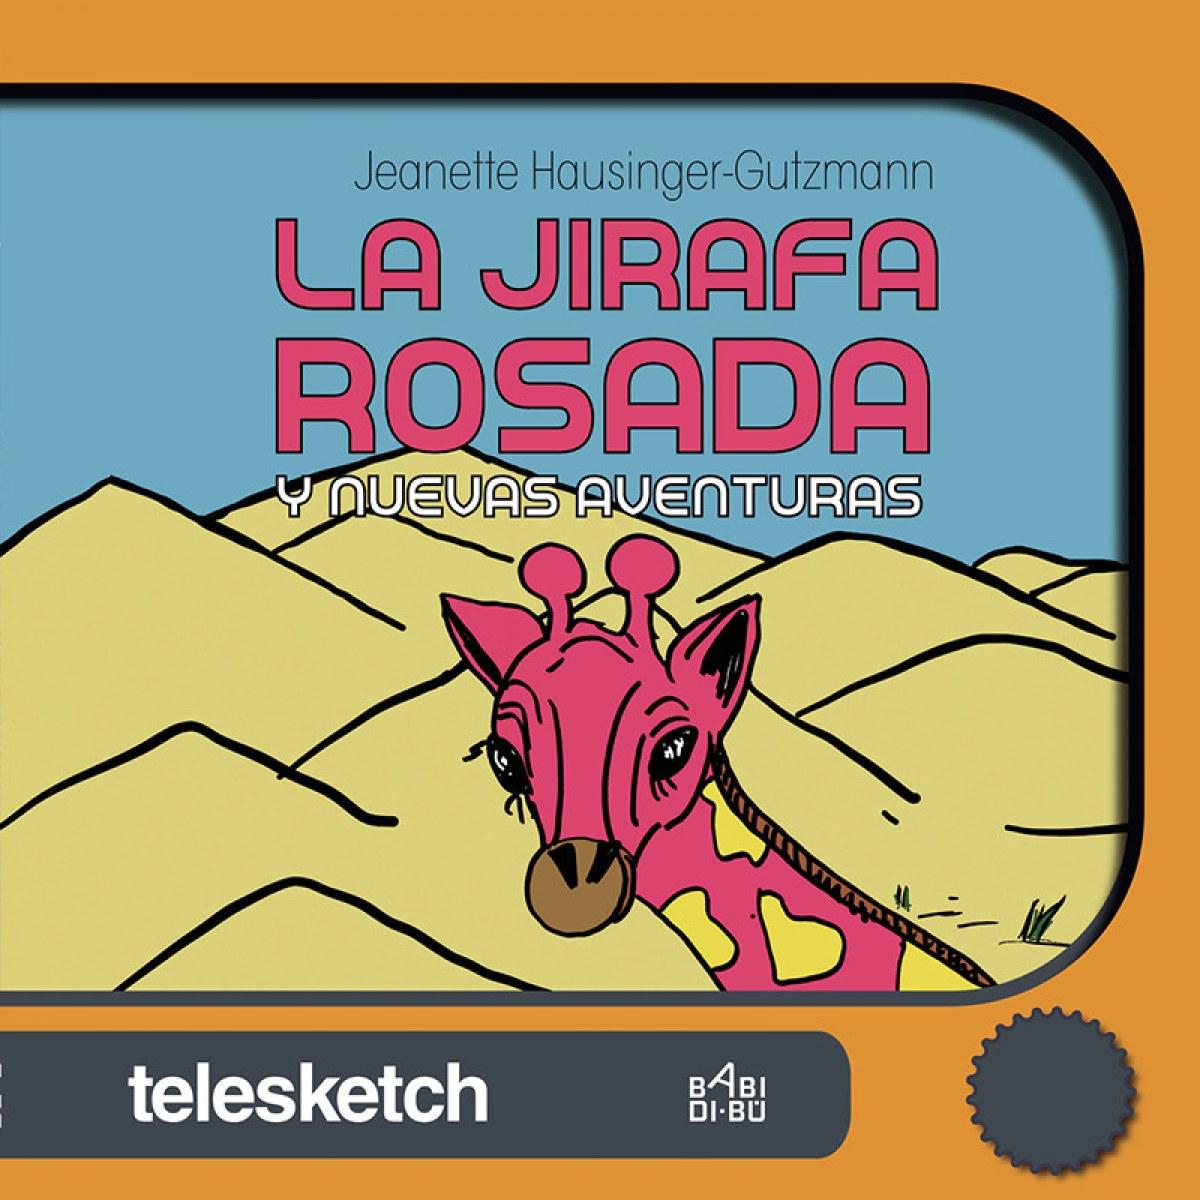 La jirafa rosada y nuevas aventuras